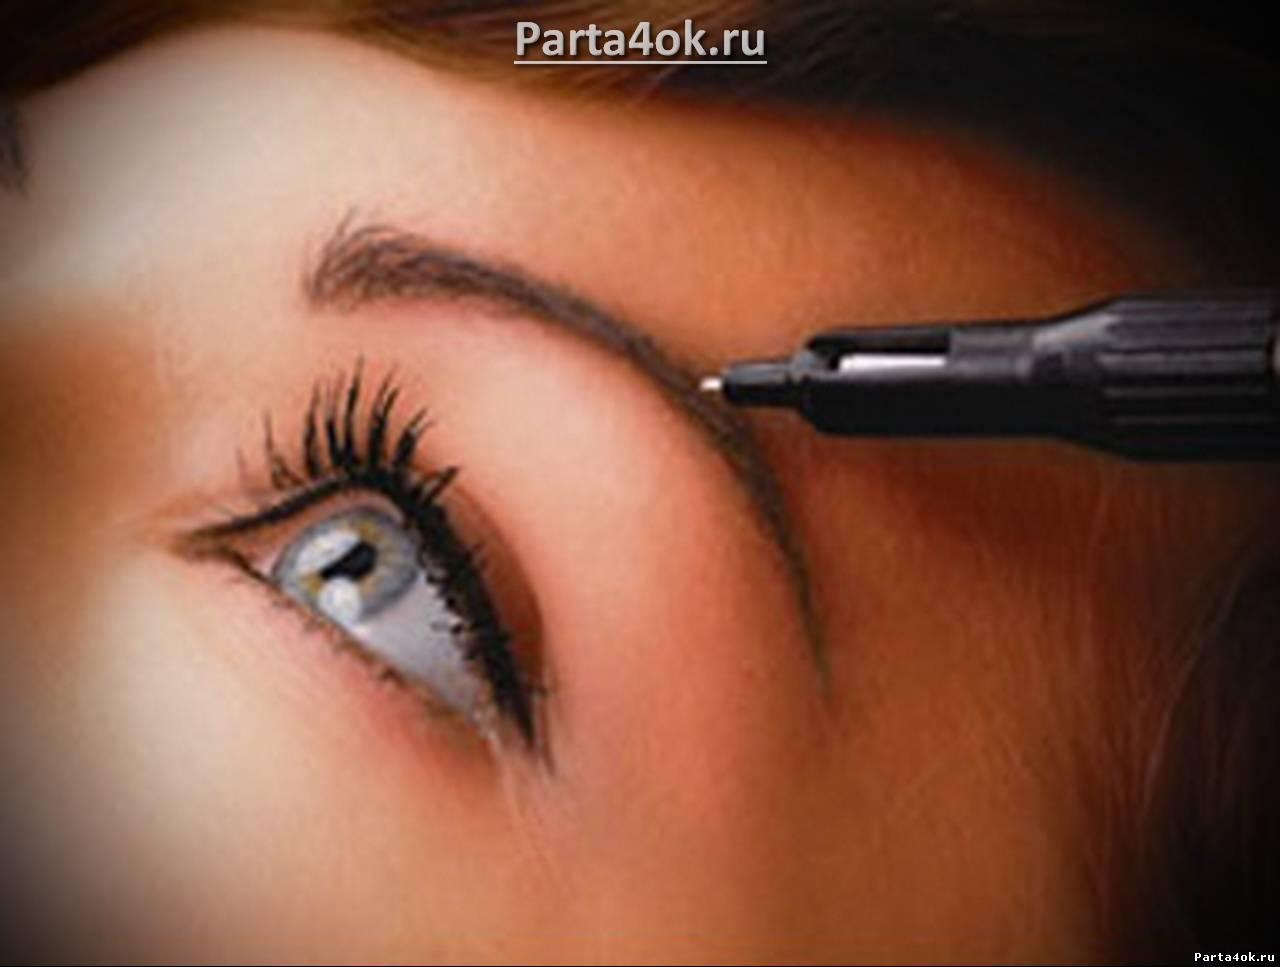 Студия перманентного макияжа и художественной татуировки